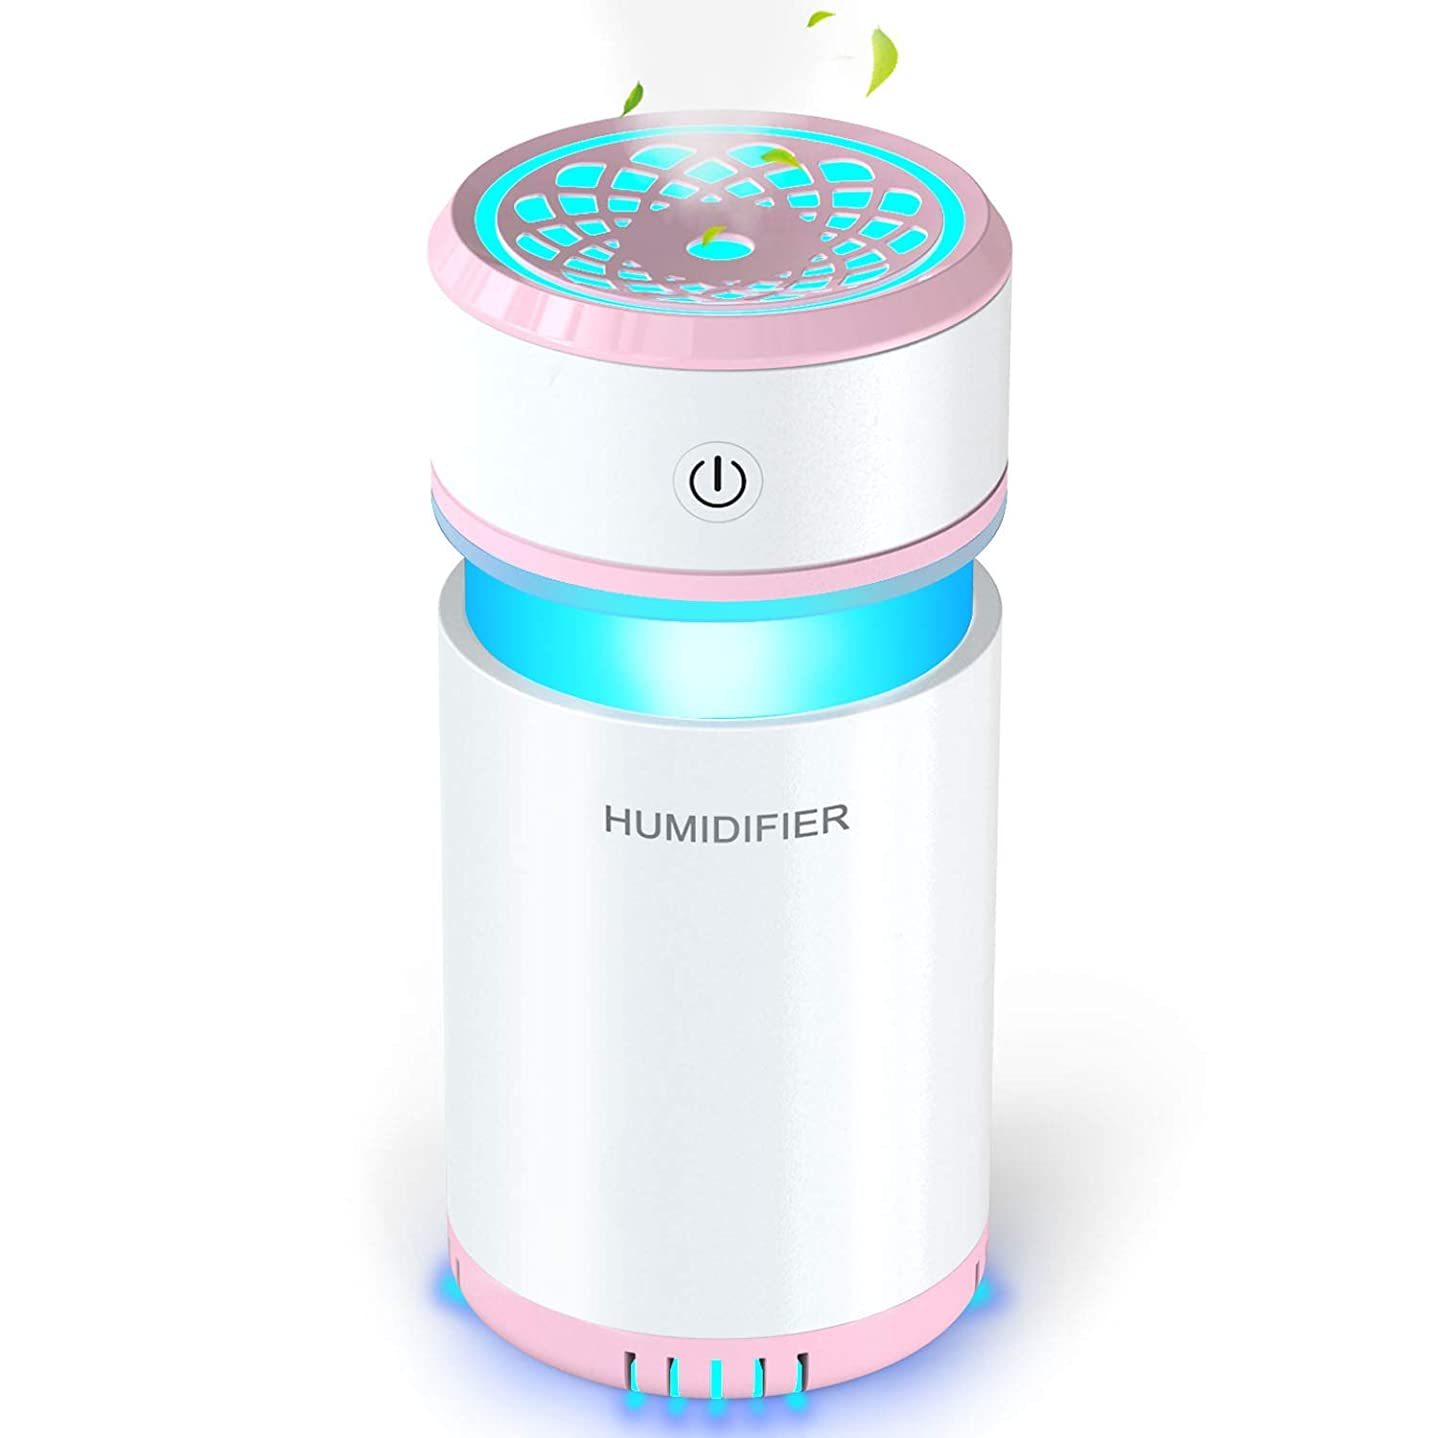 野心的メンテナンス限られた加湿器 卓上 アロマ 車載加湿器 ペットボトル 小型 除菌 空気浄化機 オフィス 寝室 車用 会社 旅行 家庭用 乾燥/空焚き防止 花粉症対策 USB 7色LEDライト ベッドサイドランプ 200ML (ピンク)